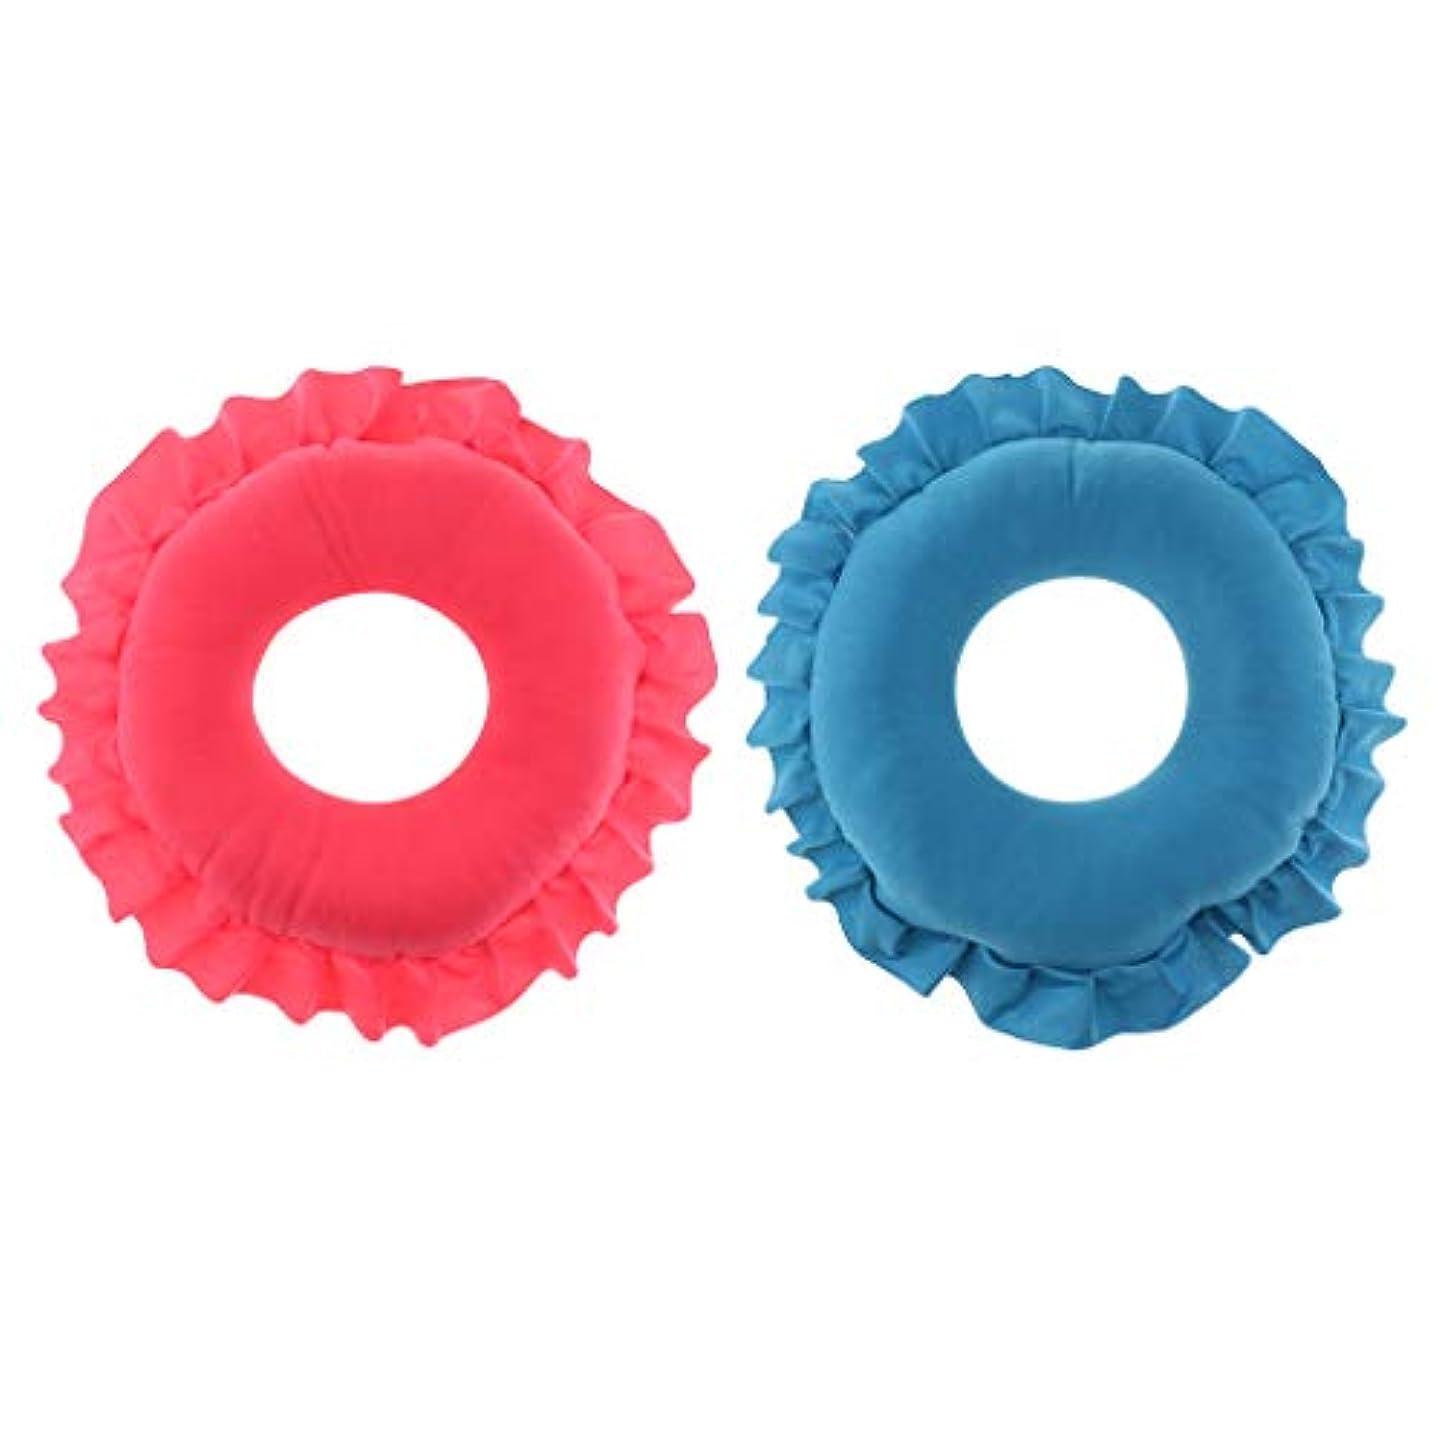 北米ブッシュ教えBaoblaze 顔枕 マッサージ用 マッサージ枕 フェイスマット 軽量 快適 洗える 2個入